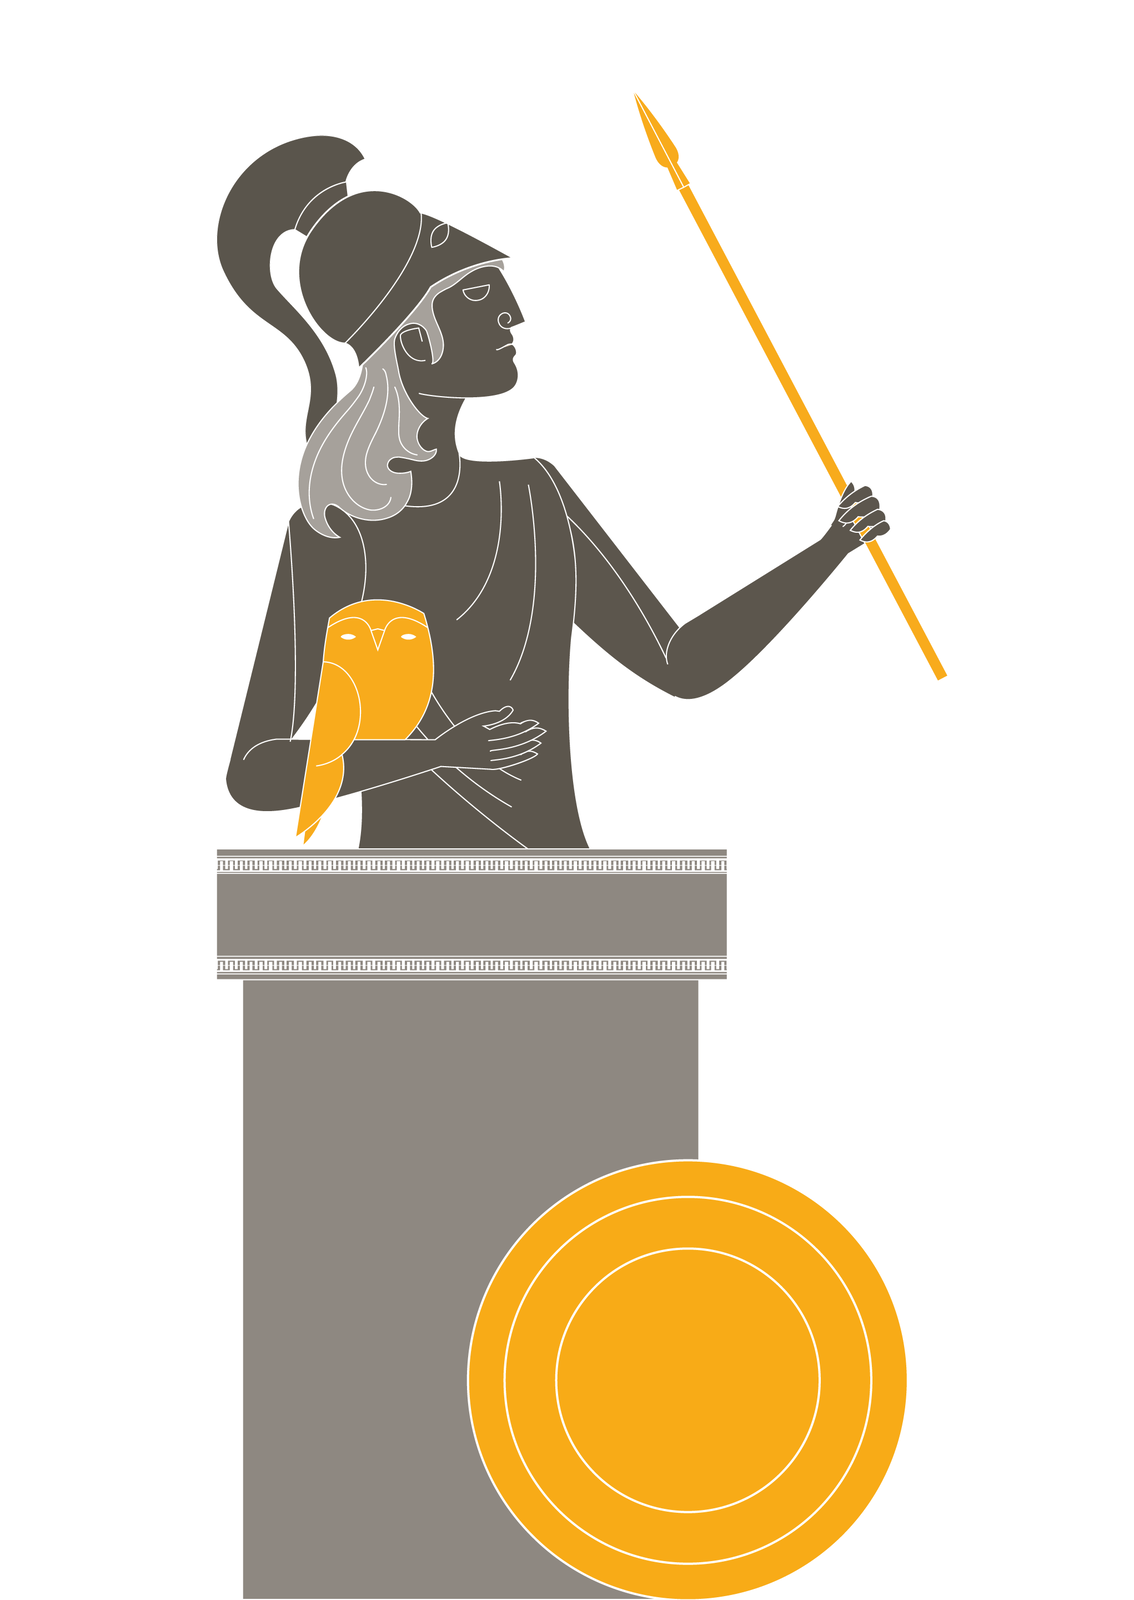 Atena, córka Zeusa, była opiekunką mądrości inauki, atakże rzemieślników. Ptakiem jej poświęconym była sowa. Według mitu Atena narodziła się zgłowy Zeusa, wyskakując zniej wpełnym uzbrojeniu. Była boginią-wojowniczką, dlatego przedstawiano ją zwykle whełmie, zwłócznią itarczą Atena, córka Zeusa, była opiekunką mądrości inauki, atakże rzemieślników. Ptakiem jej poświęconym była sowa. Według mitu Atena narodziła się zgłowy Zeusa, wyskakując zniej wpełnym uzbrojeniu. Była boginią-wojowniczką, dlatego przedstawiano ją zwykle whełmie, zwłócznią itarczą Źródło: Contentplus.pl sp. zo.o., licencja: CC BY 3.0.